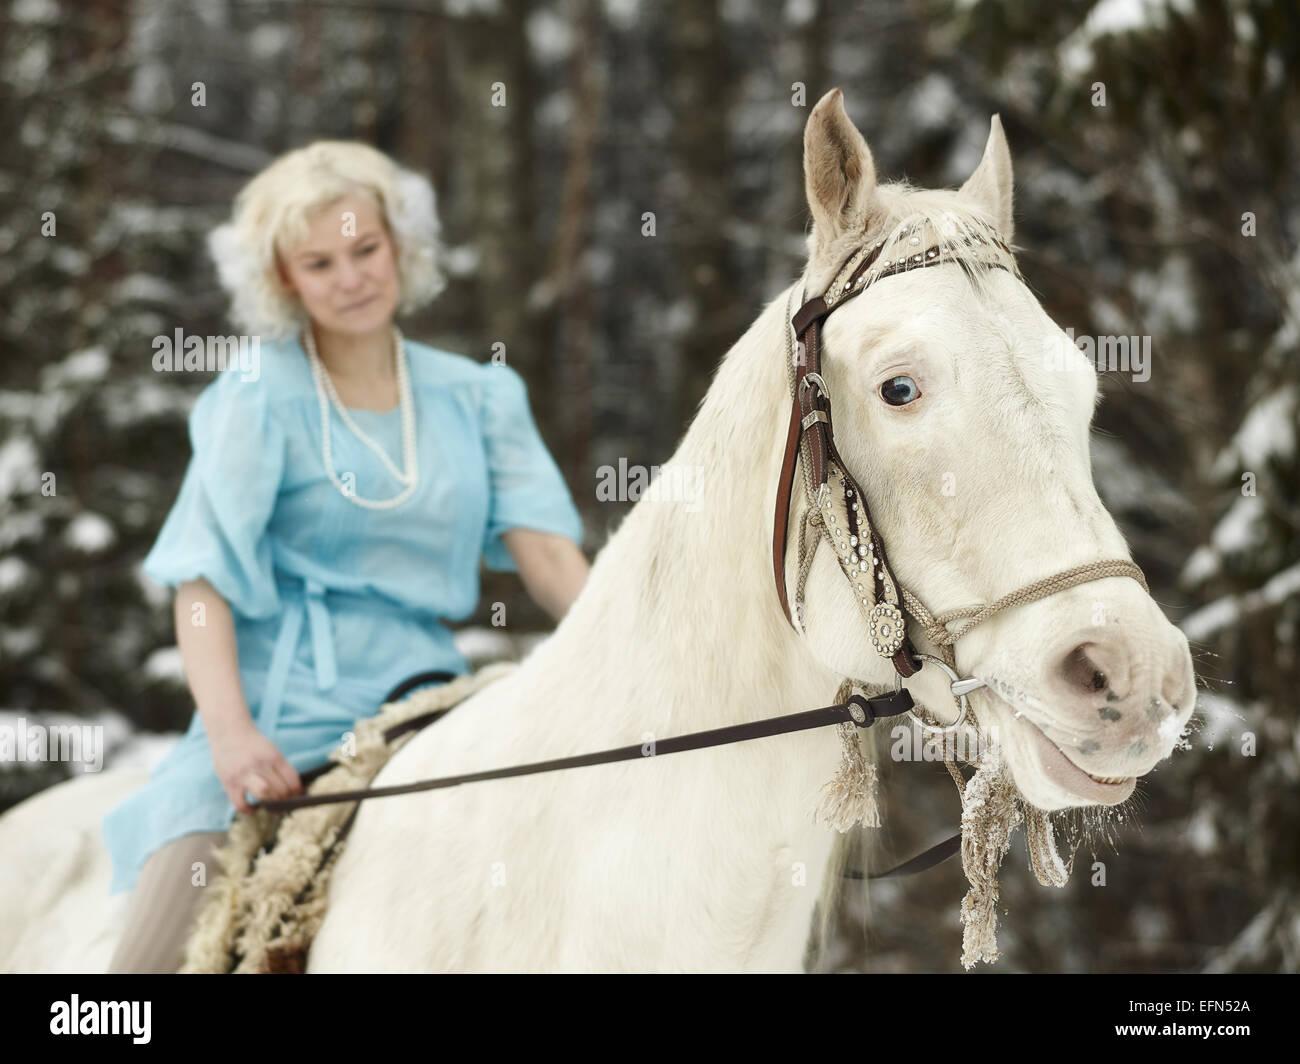 Attraktive Frau mit blauen Kleid und sie auf einem weißen Pferd, Pferd Augen im Fokus Stockbild